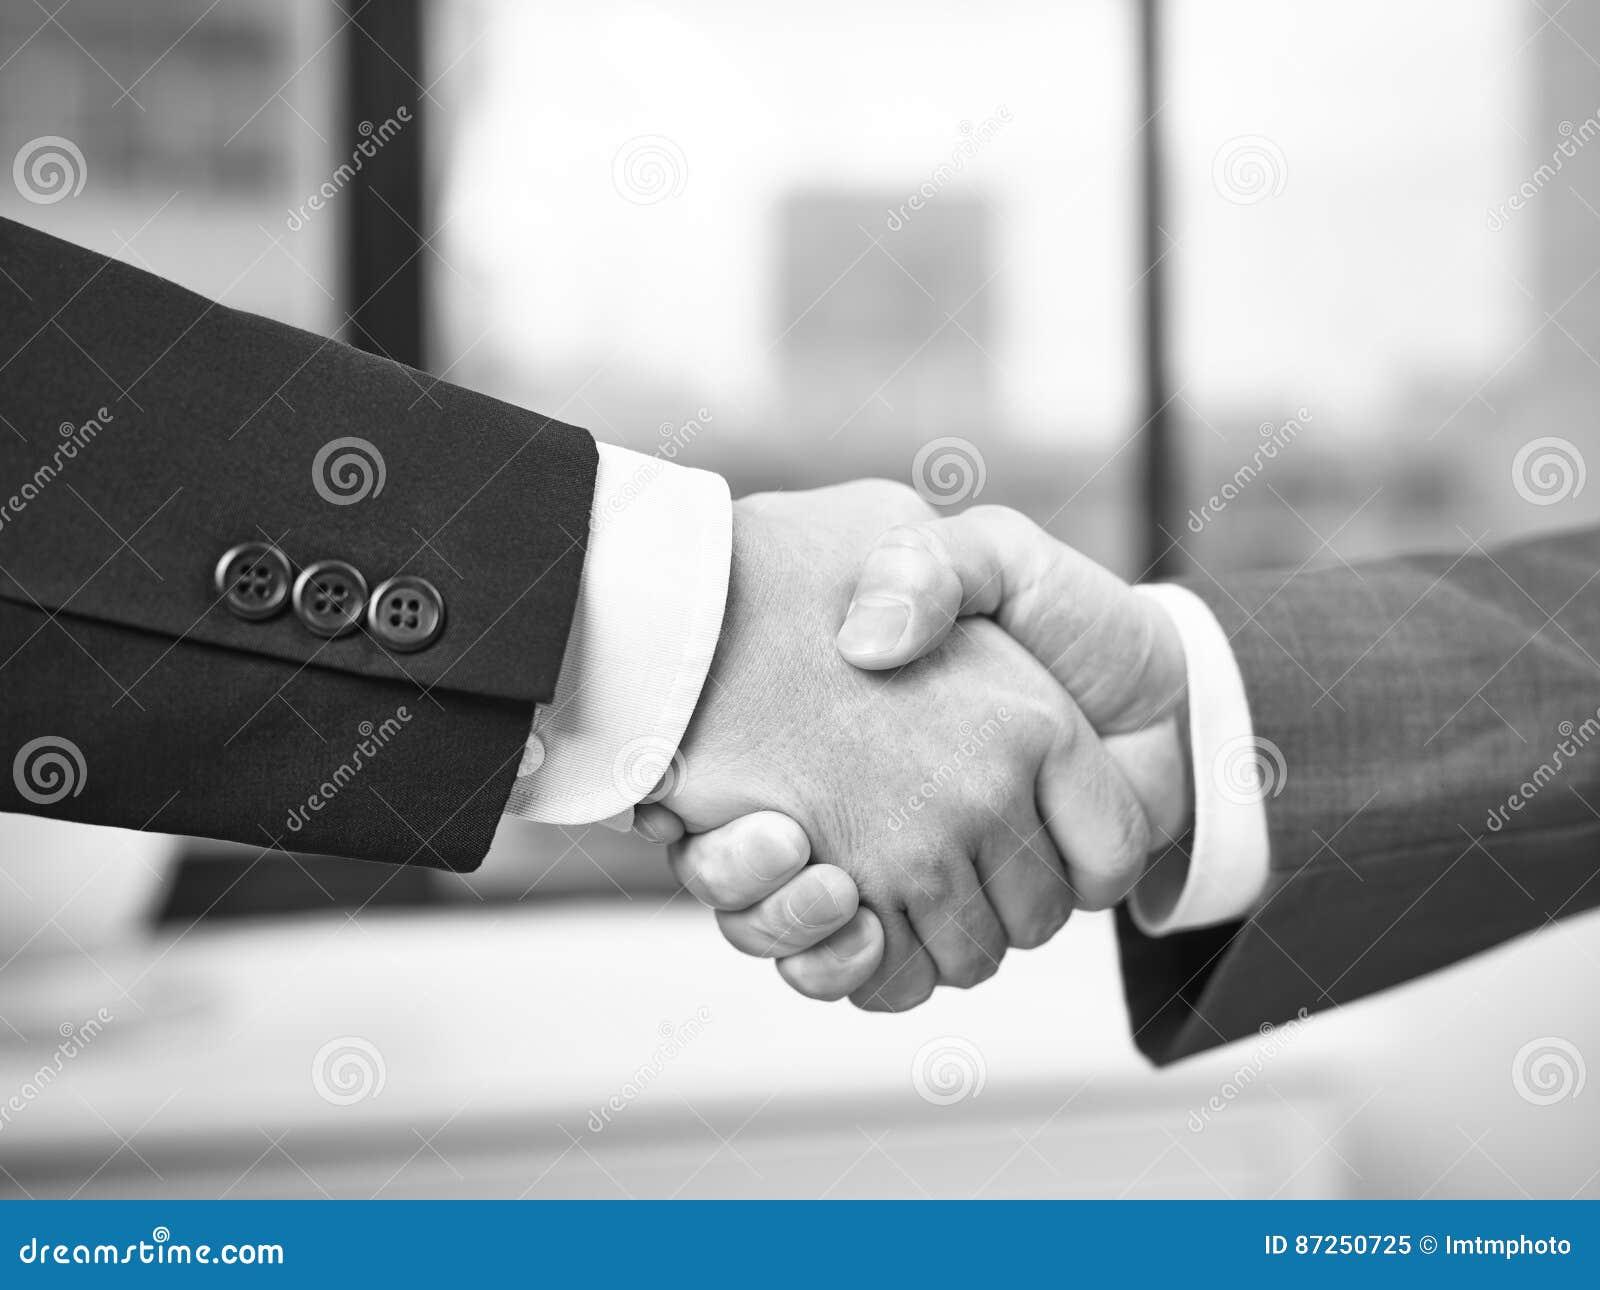 Imagens De Cumprimento: Corporate People Shaking Hands In Office Stock Image